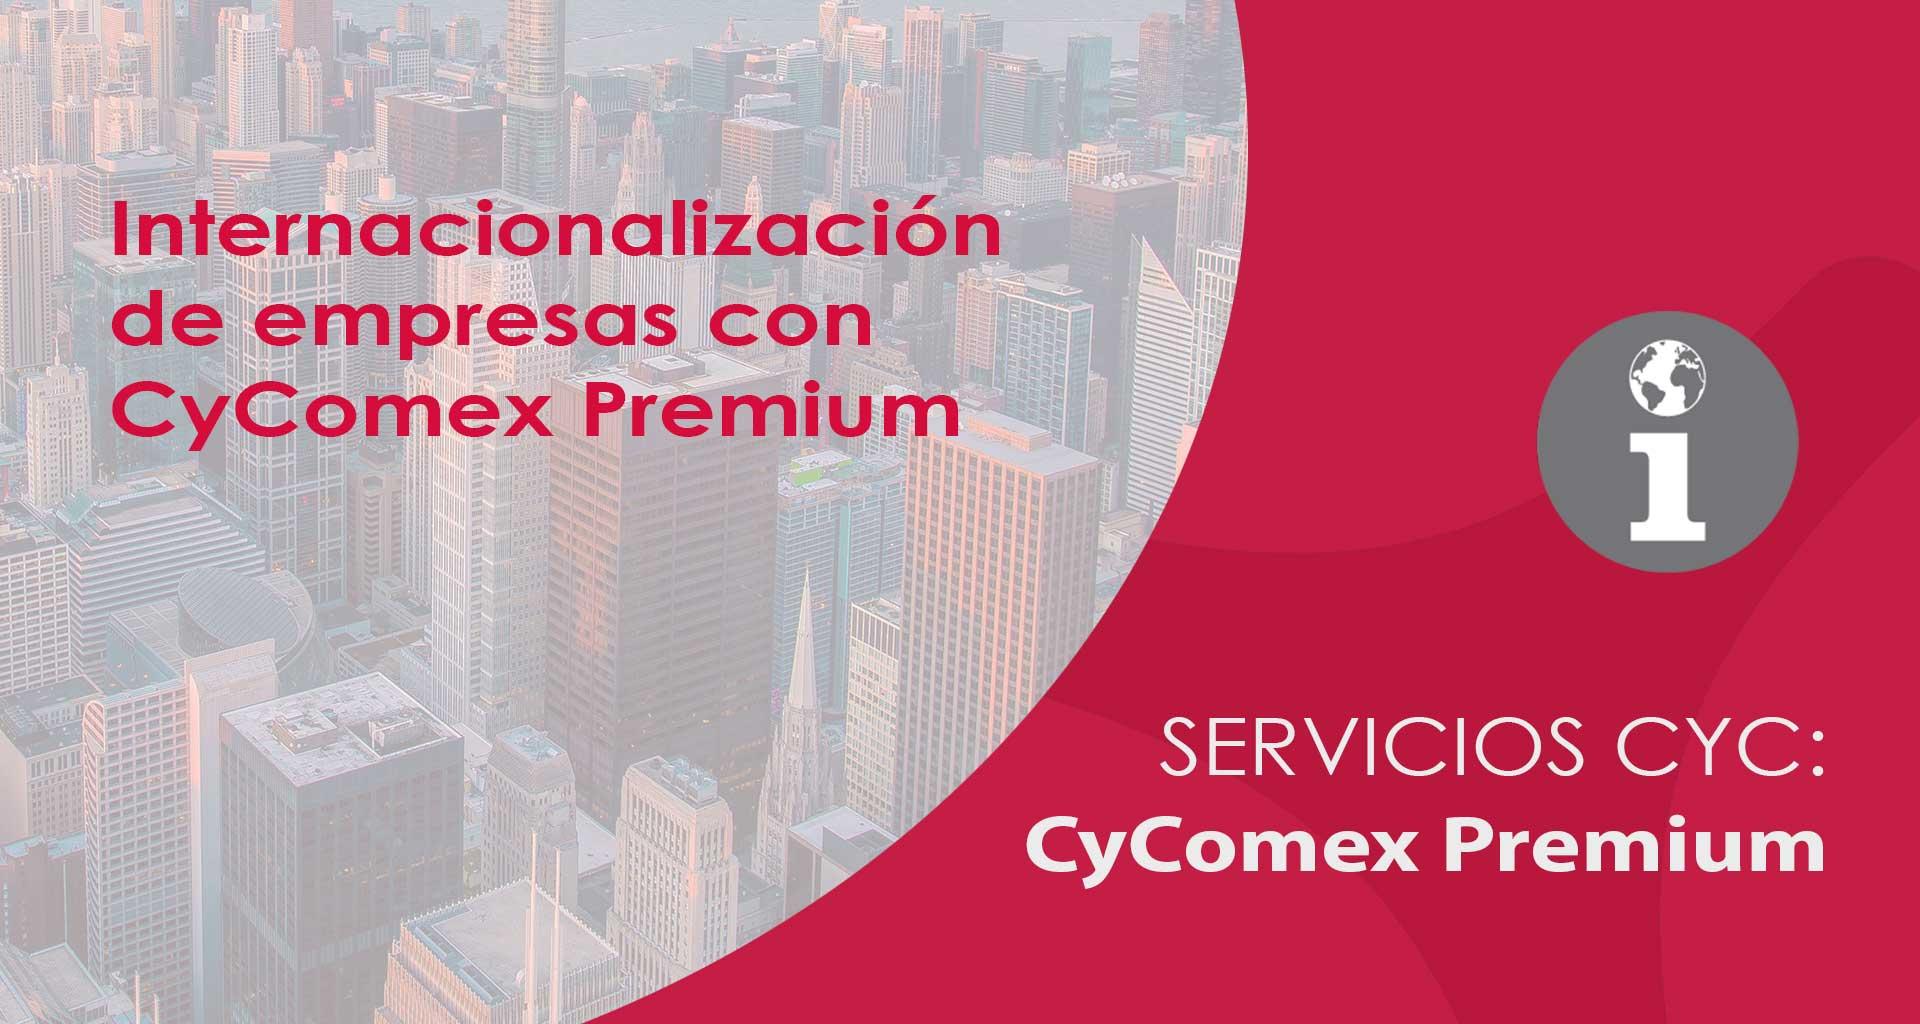 cycomex premium